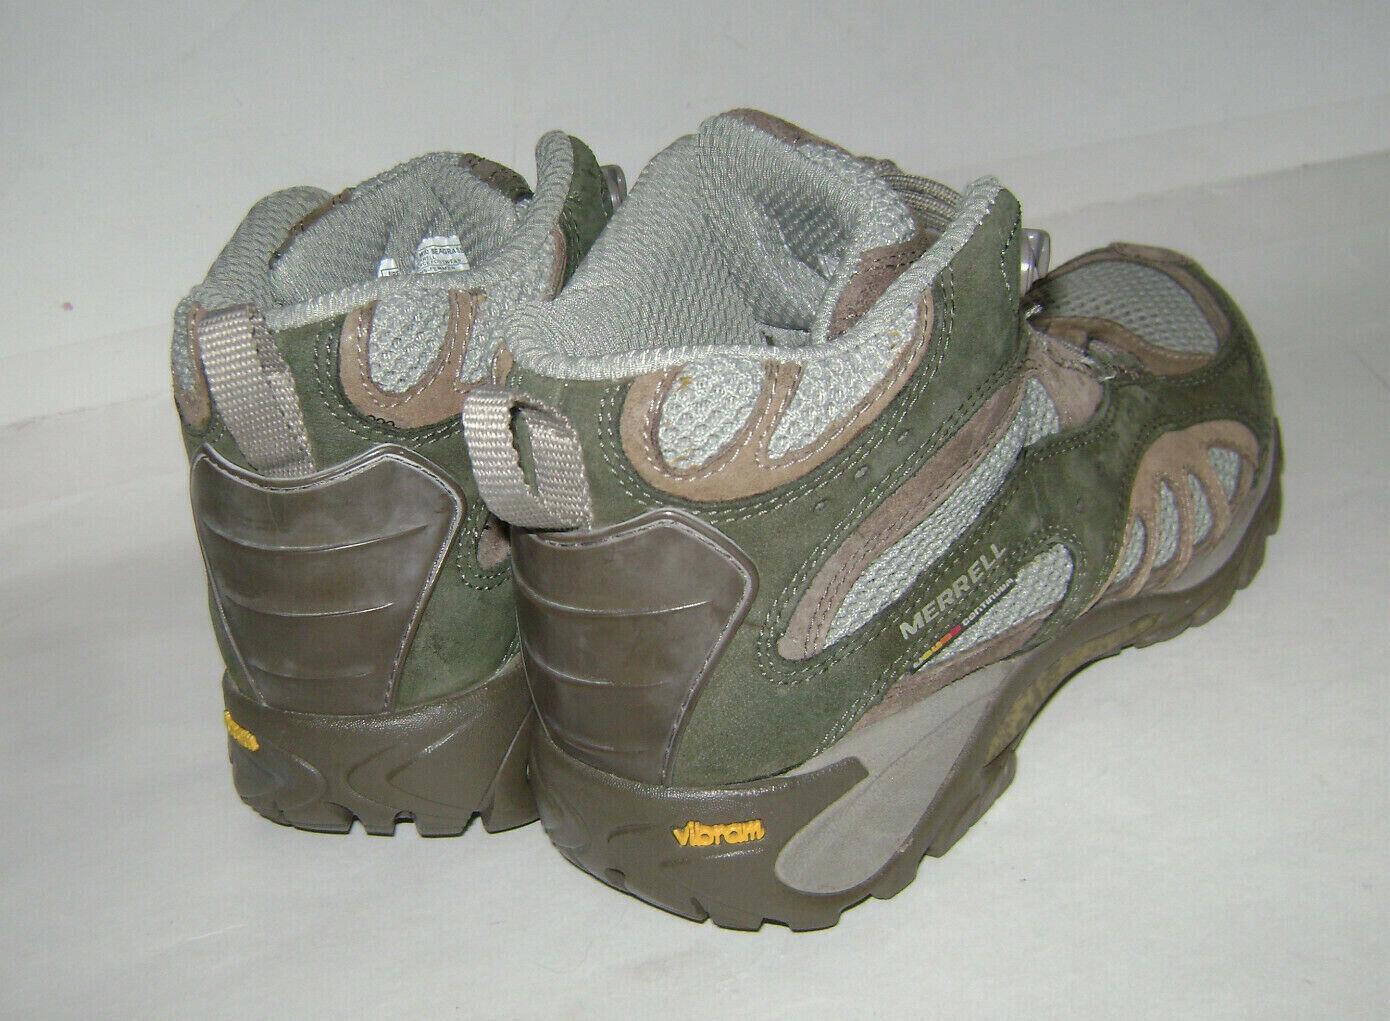 MERRELL SIREN SONG SEAGRASS vibram donna HIKING TRAIL scarpe stivali stivali stivali Dimensione 6 verde a6c054